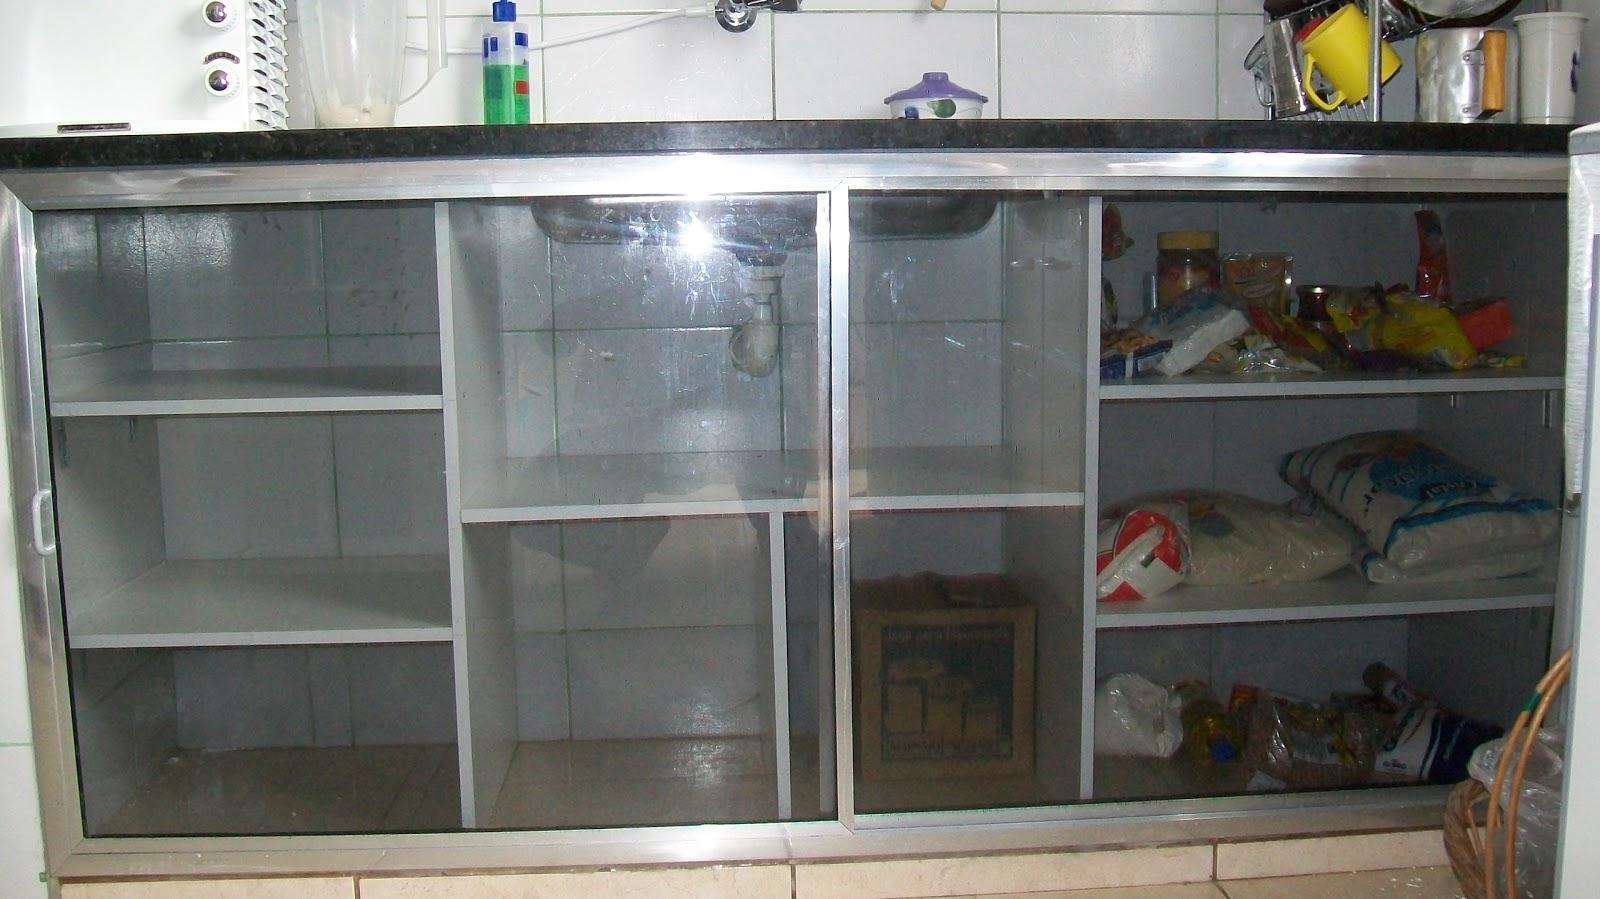 Fotos De Armário Embutido Para Cozinha Pictures To Pin On Pinterest  #5F473B 1600 899